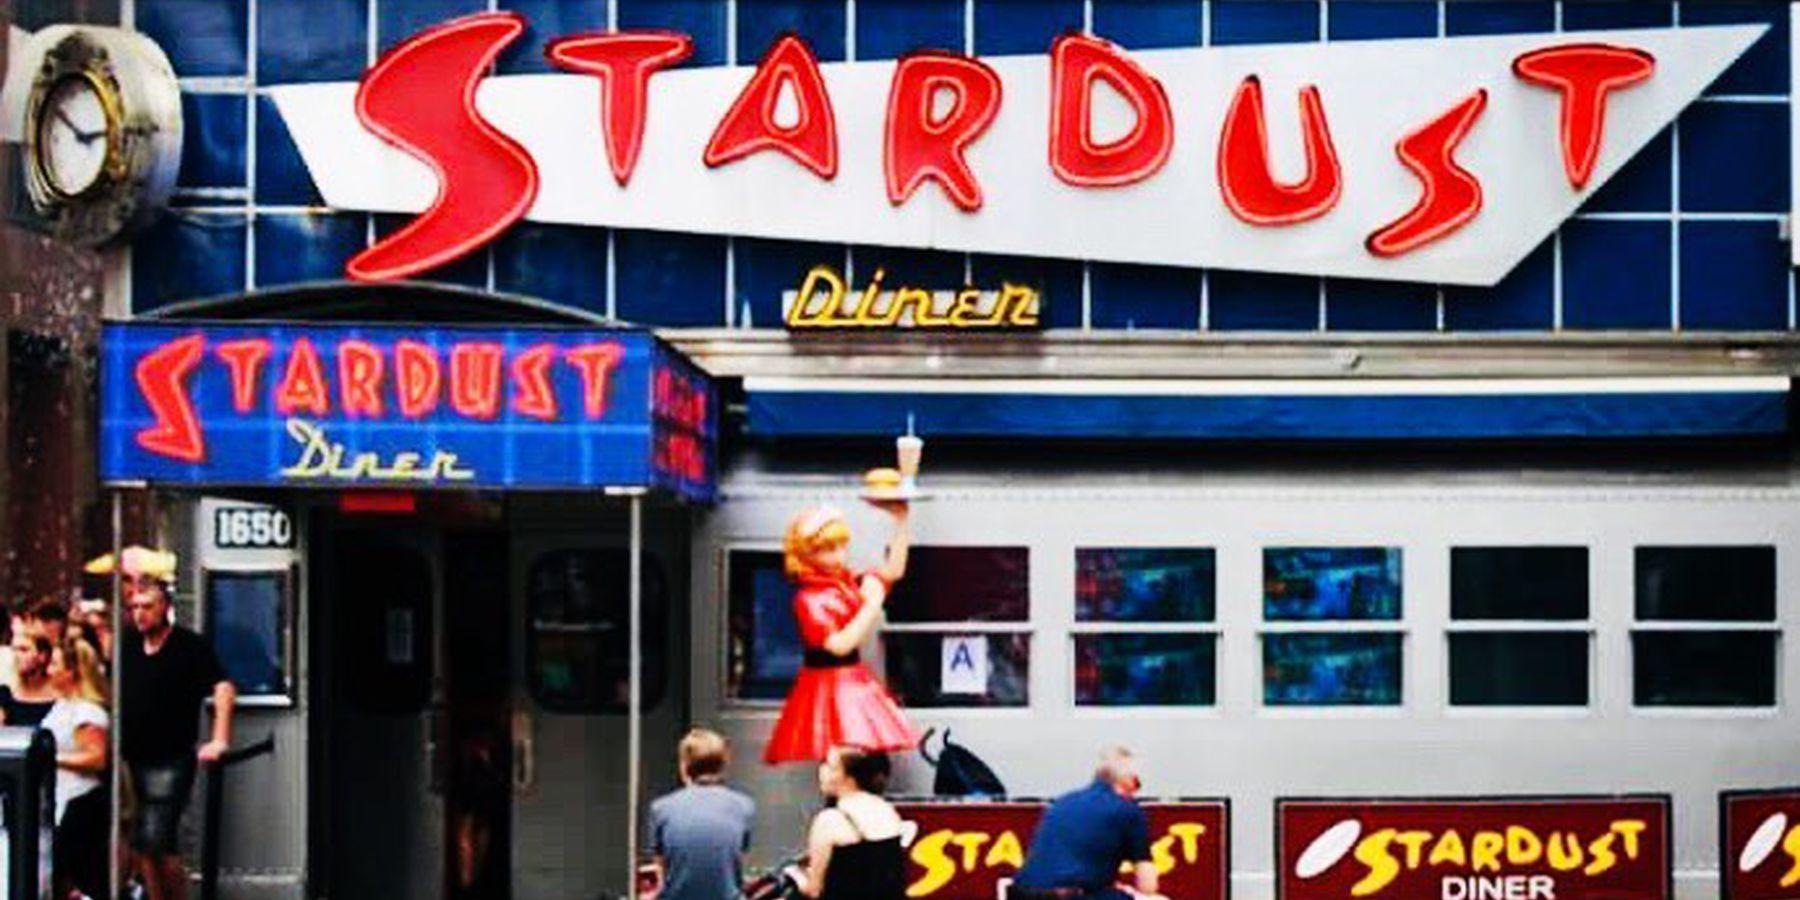 Ellen's Stardust Diner - New York - Doets Reizen